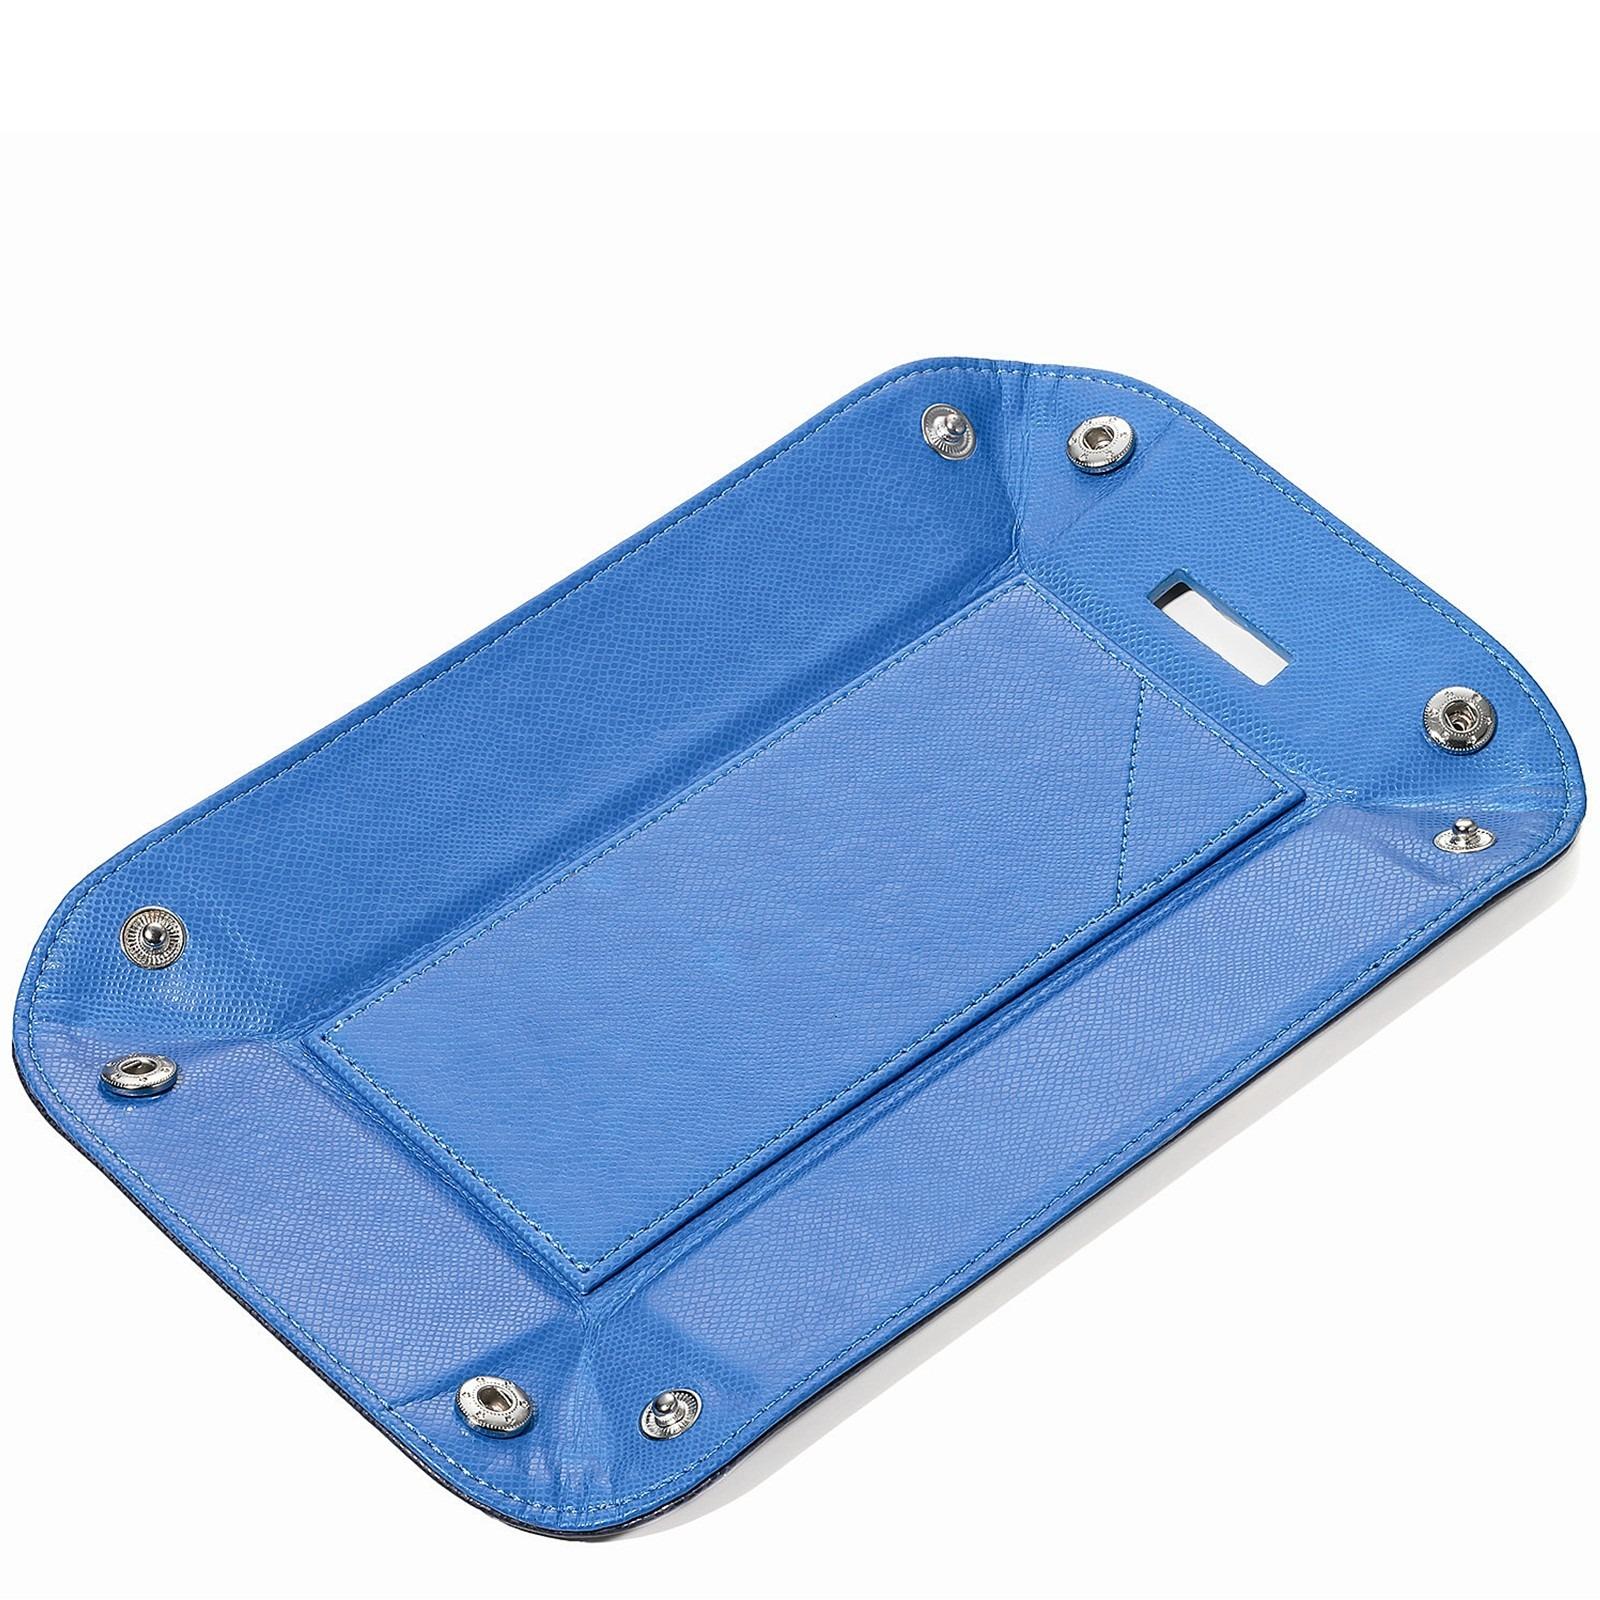 Schlüssel-Aufbewahrung blau 2